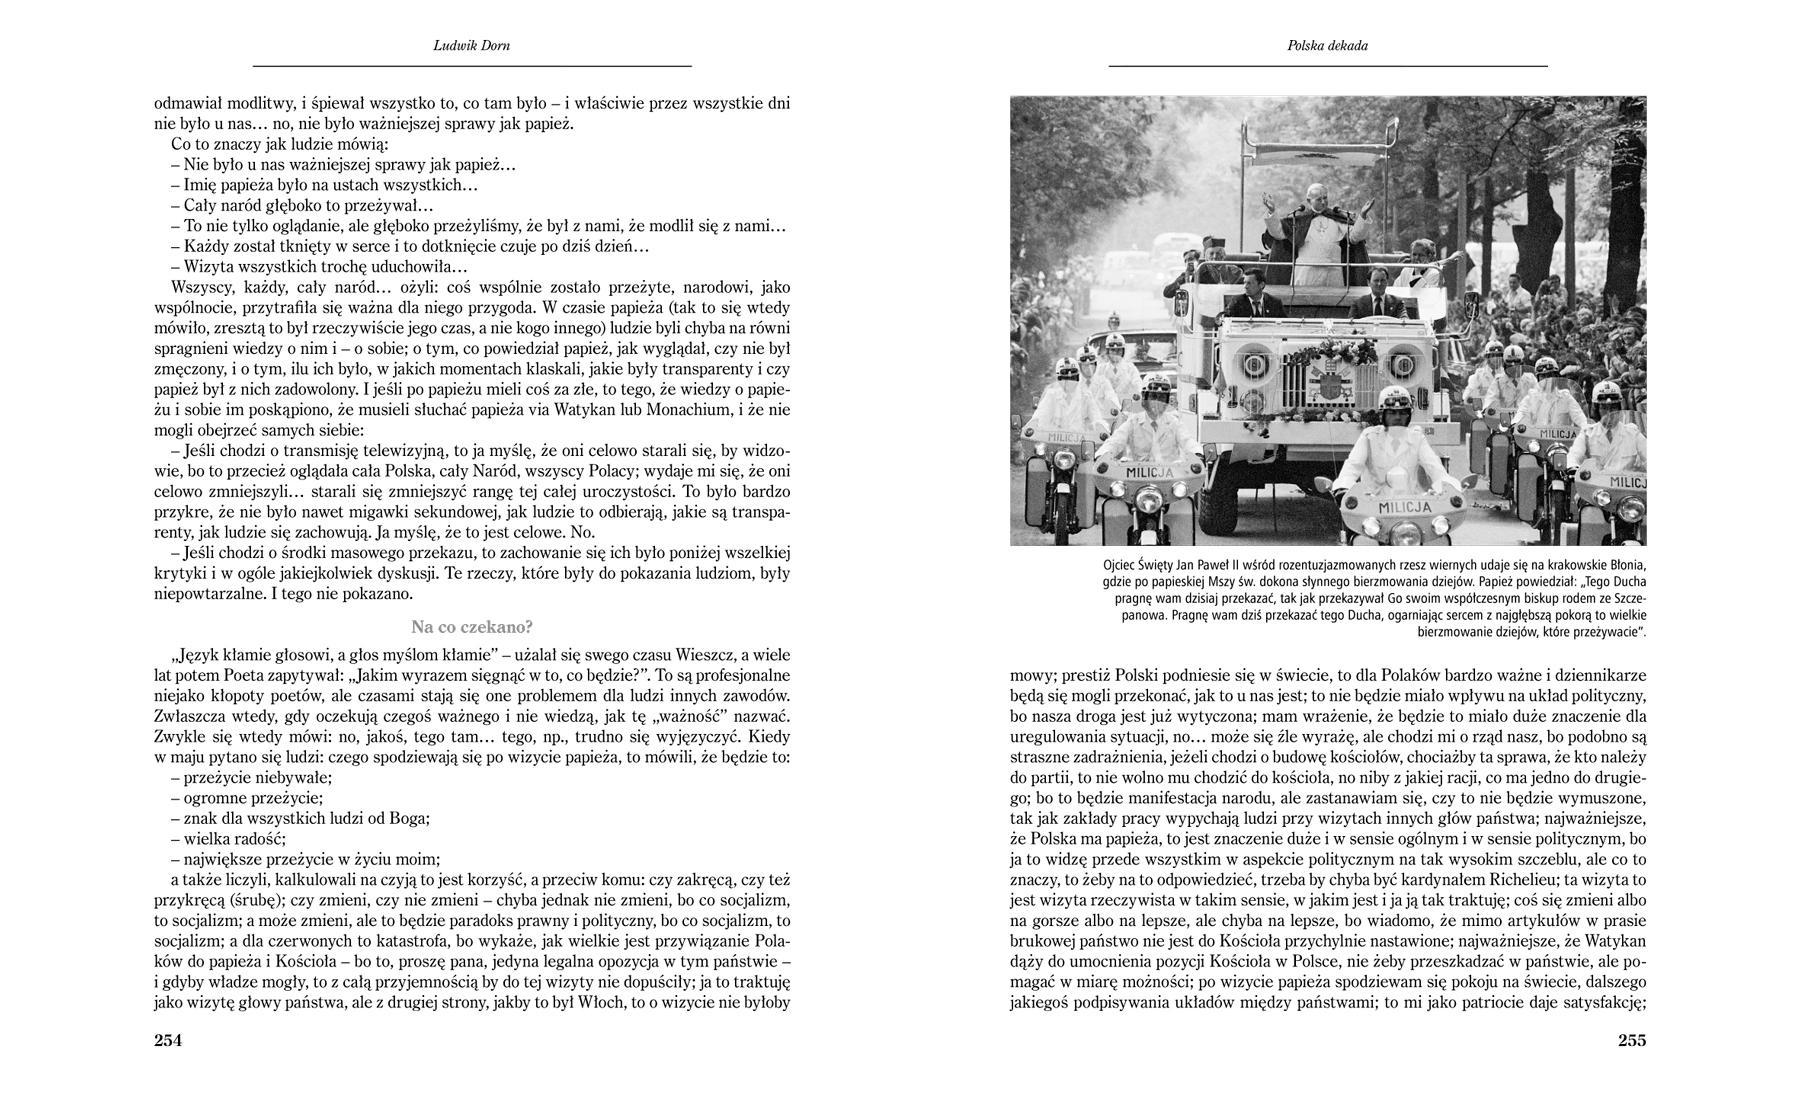 Głos Niepodległości - strony 254-255